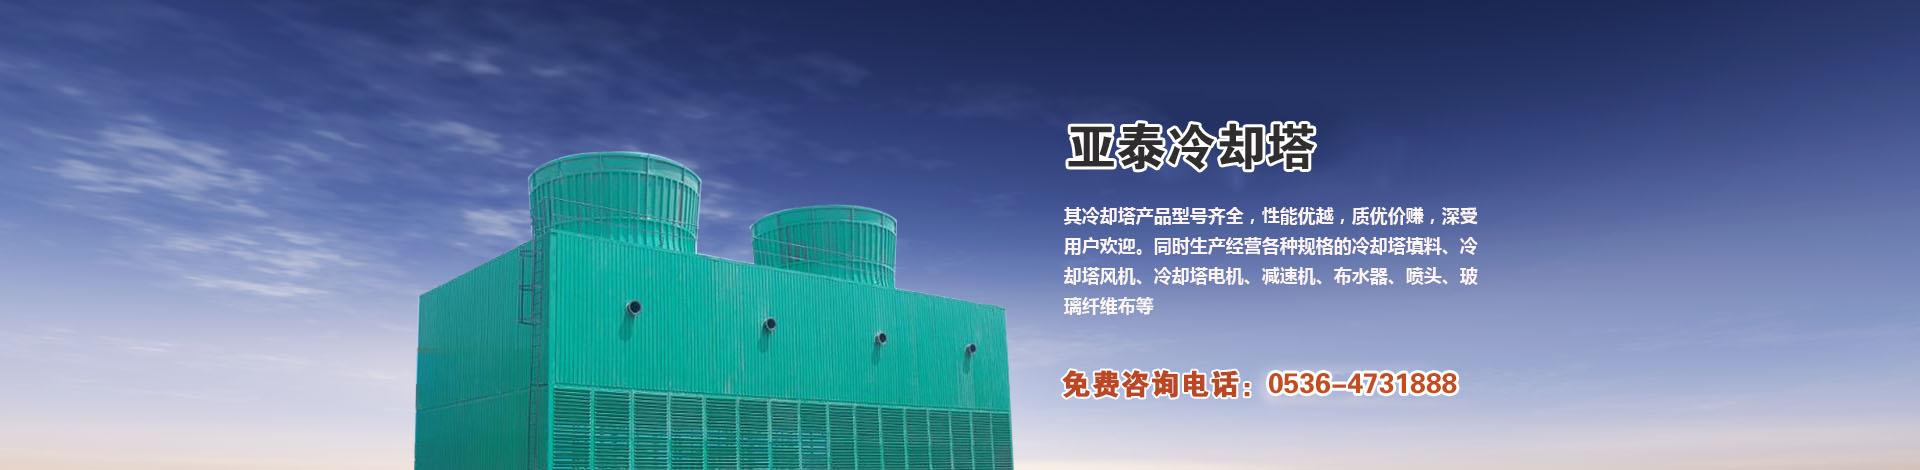 山东安丘市亚泰玻璃钢有限公司